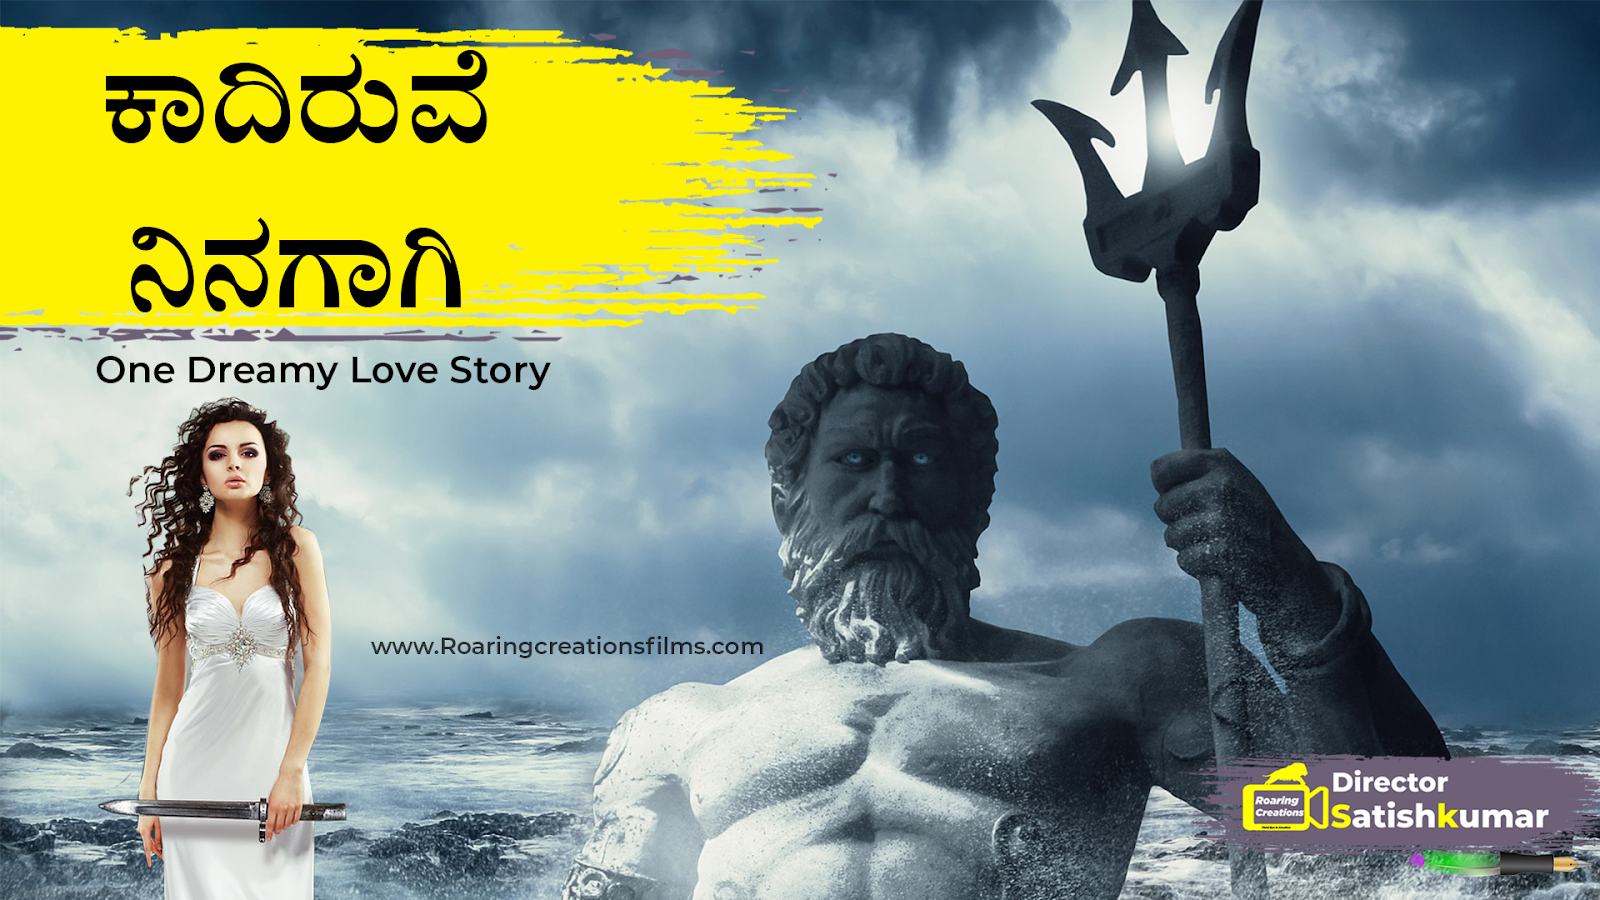 ಕಾದಿರುವೆ ನಿನಗಾಗಿ - One Dreamy Love Story of a Lonely lad in Kannada